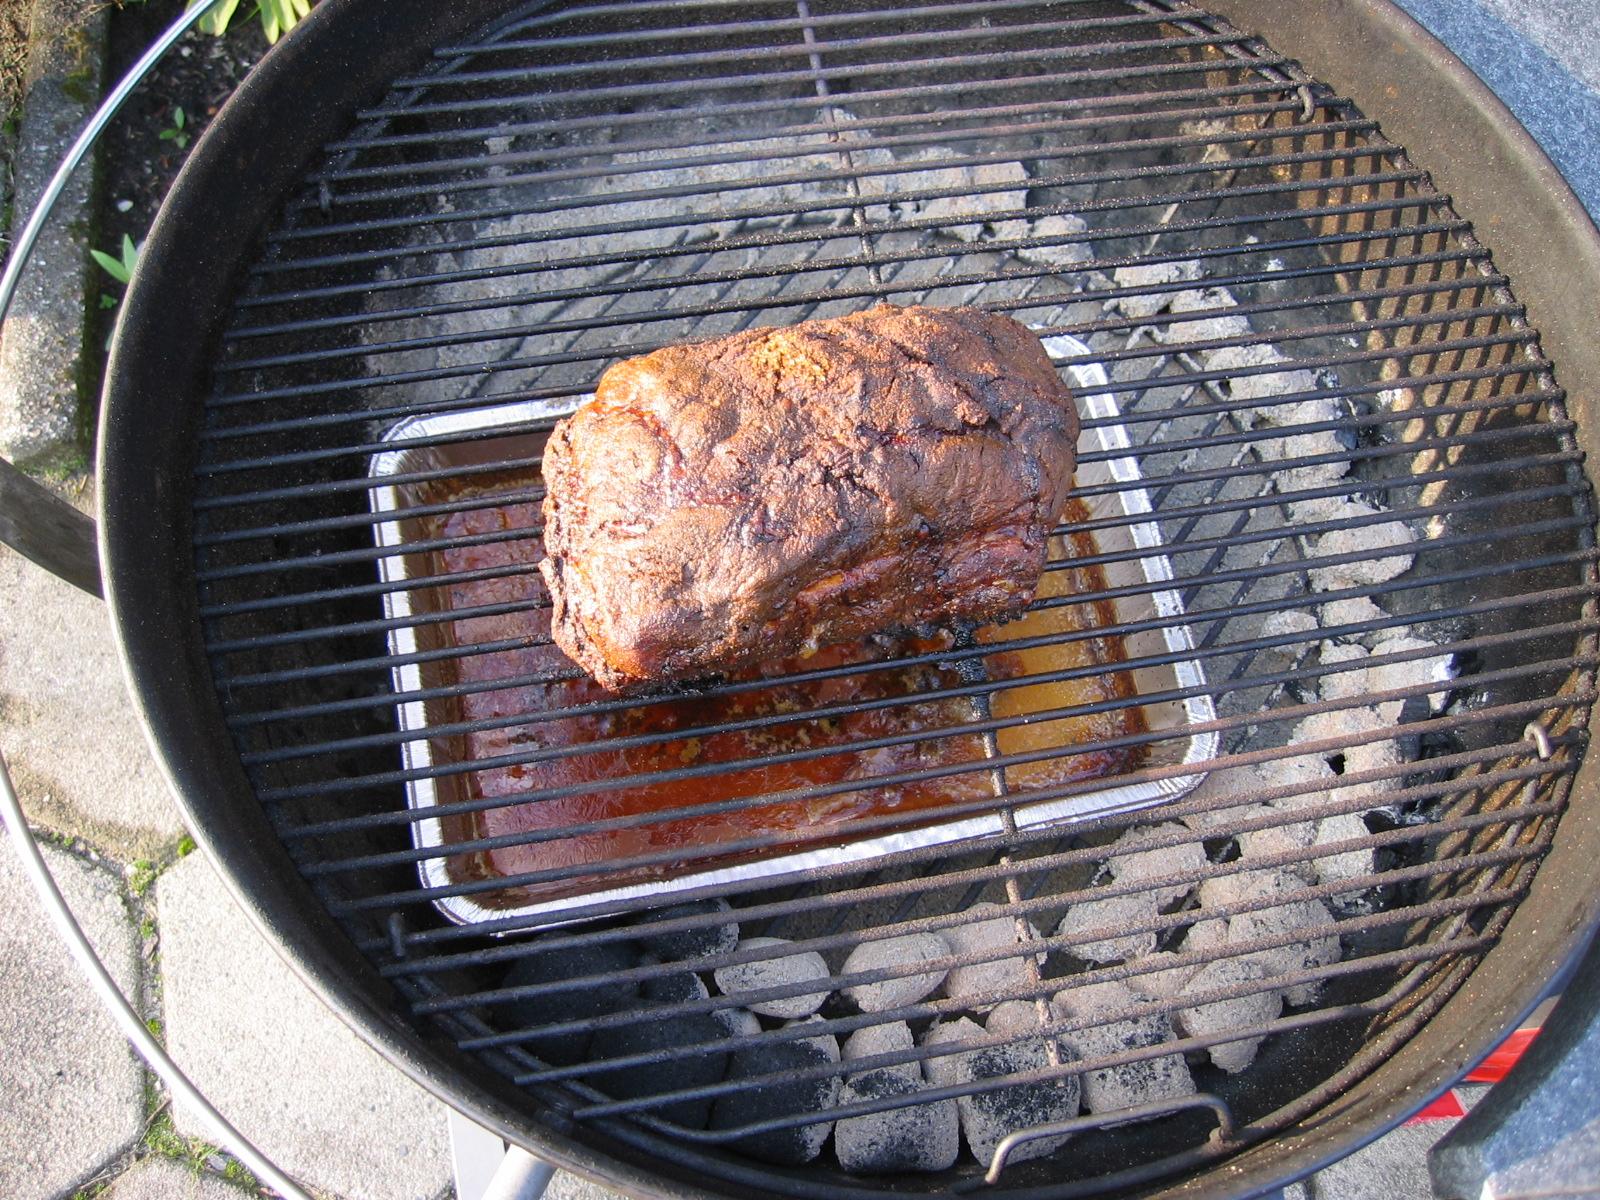 Weber Elektrogrill Pulled Pork : Pulled pork in a 57 cm 22.5 inch weber kettle